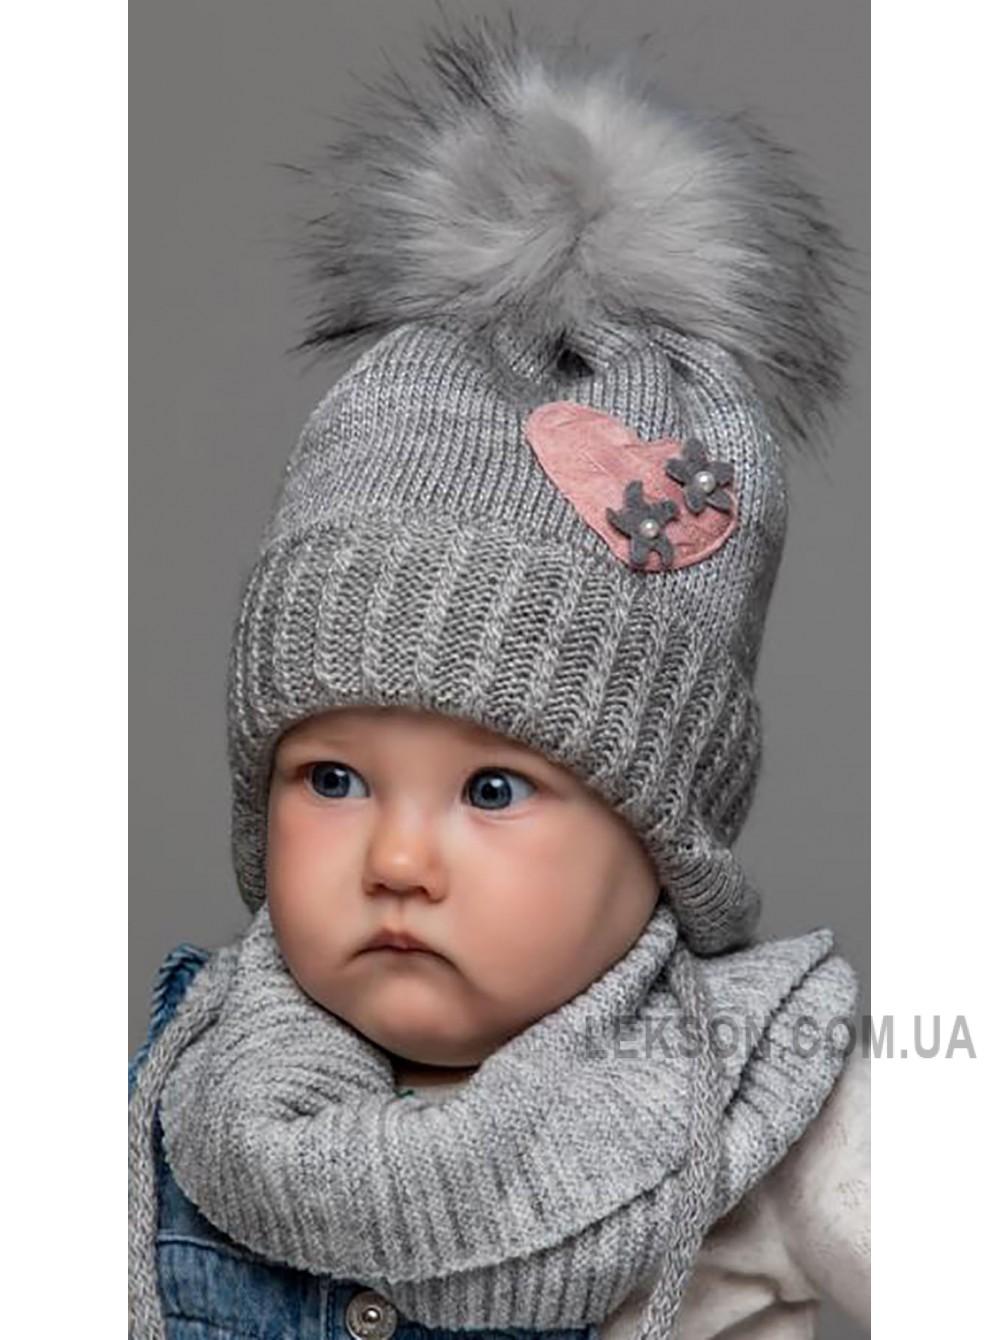 Детская вязаная шапка D646295-42-46 Ромашка